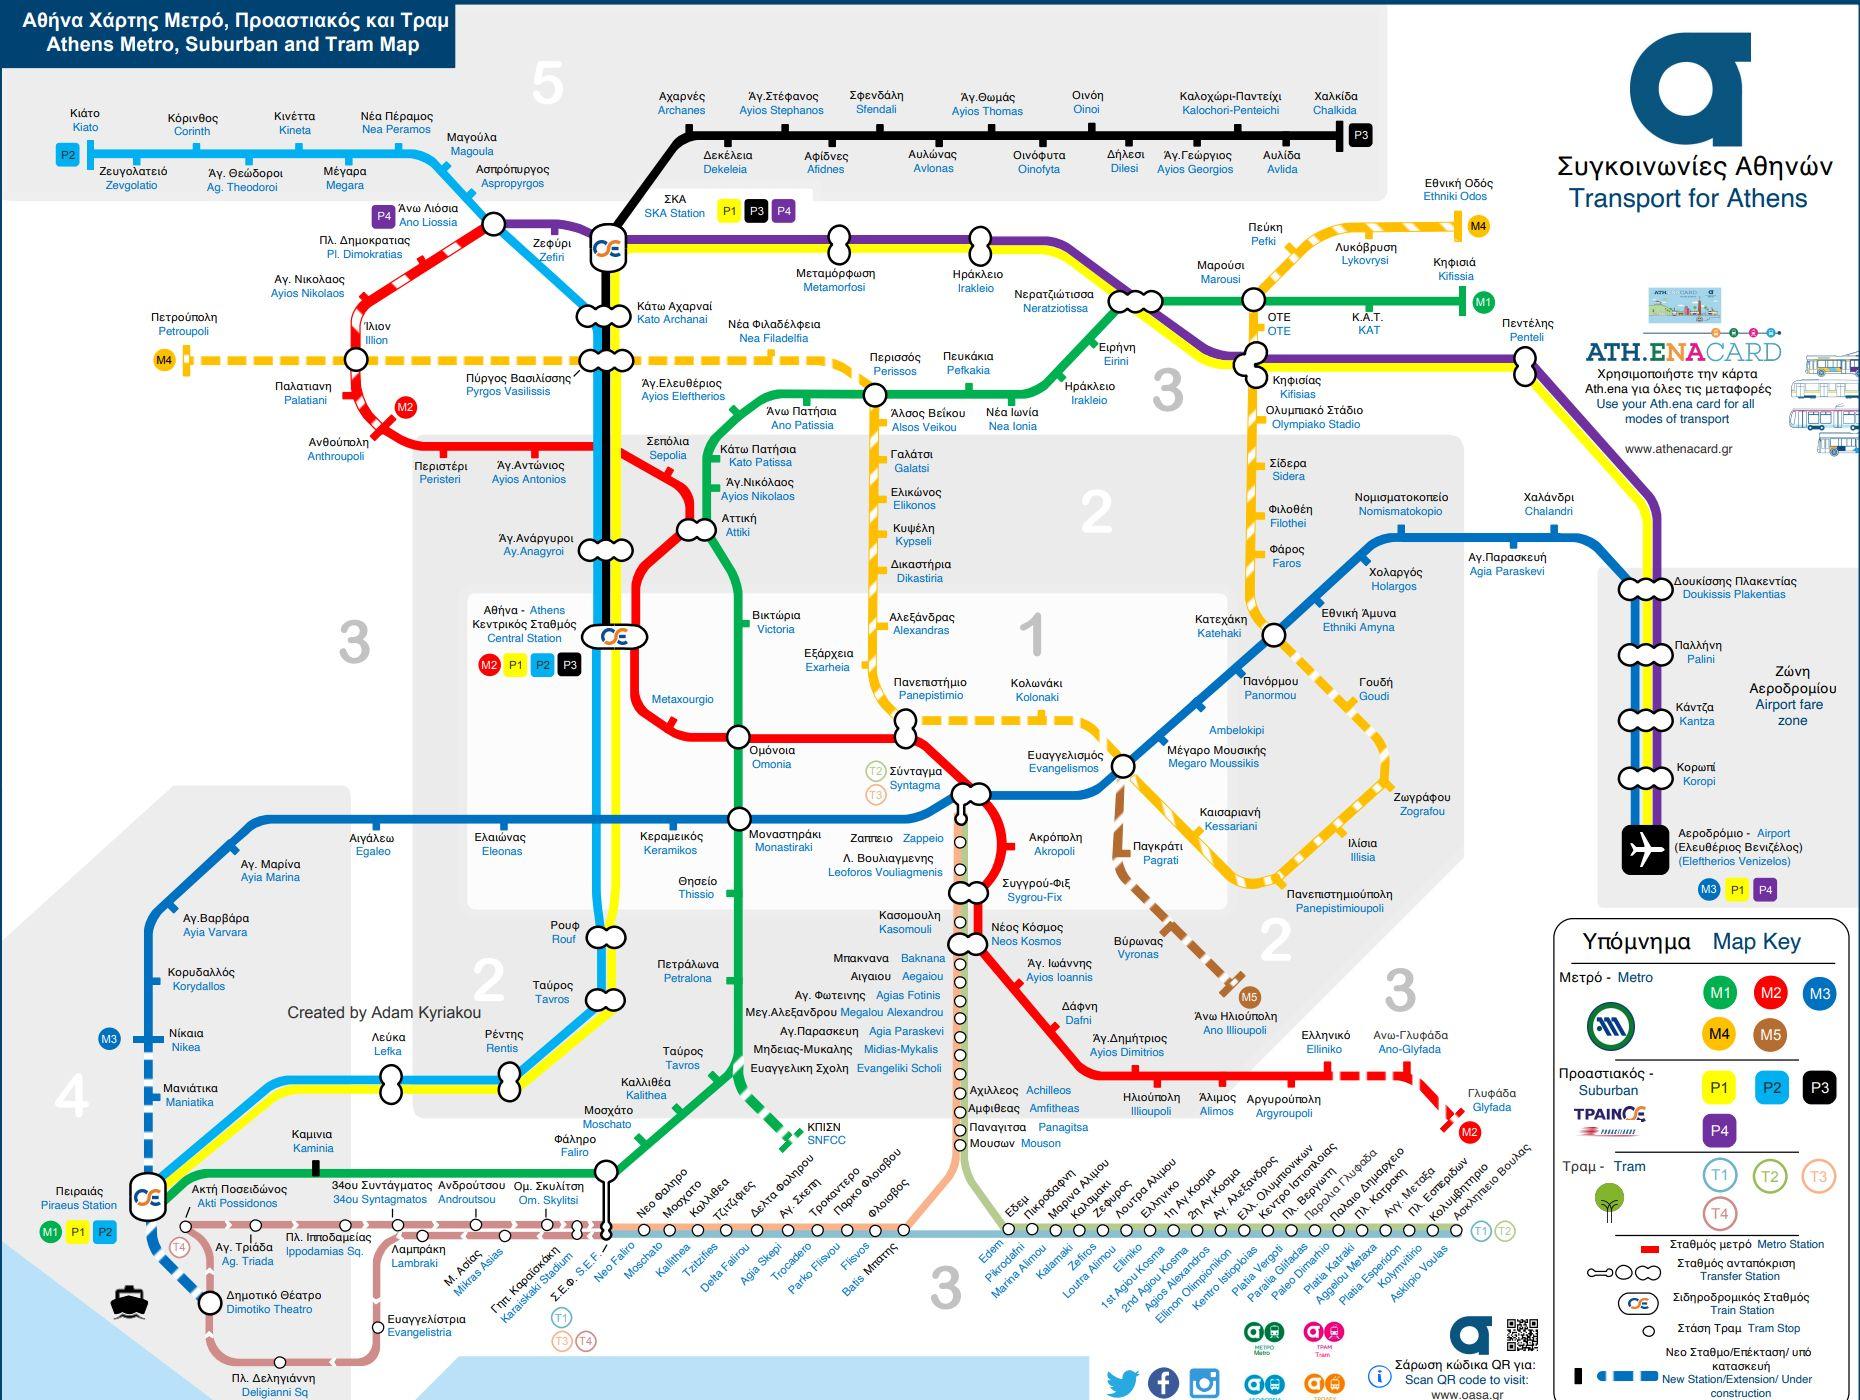 δίκτυο μετρό